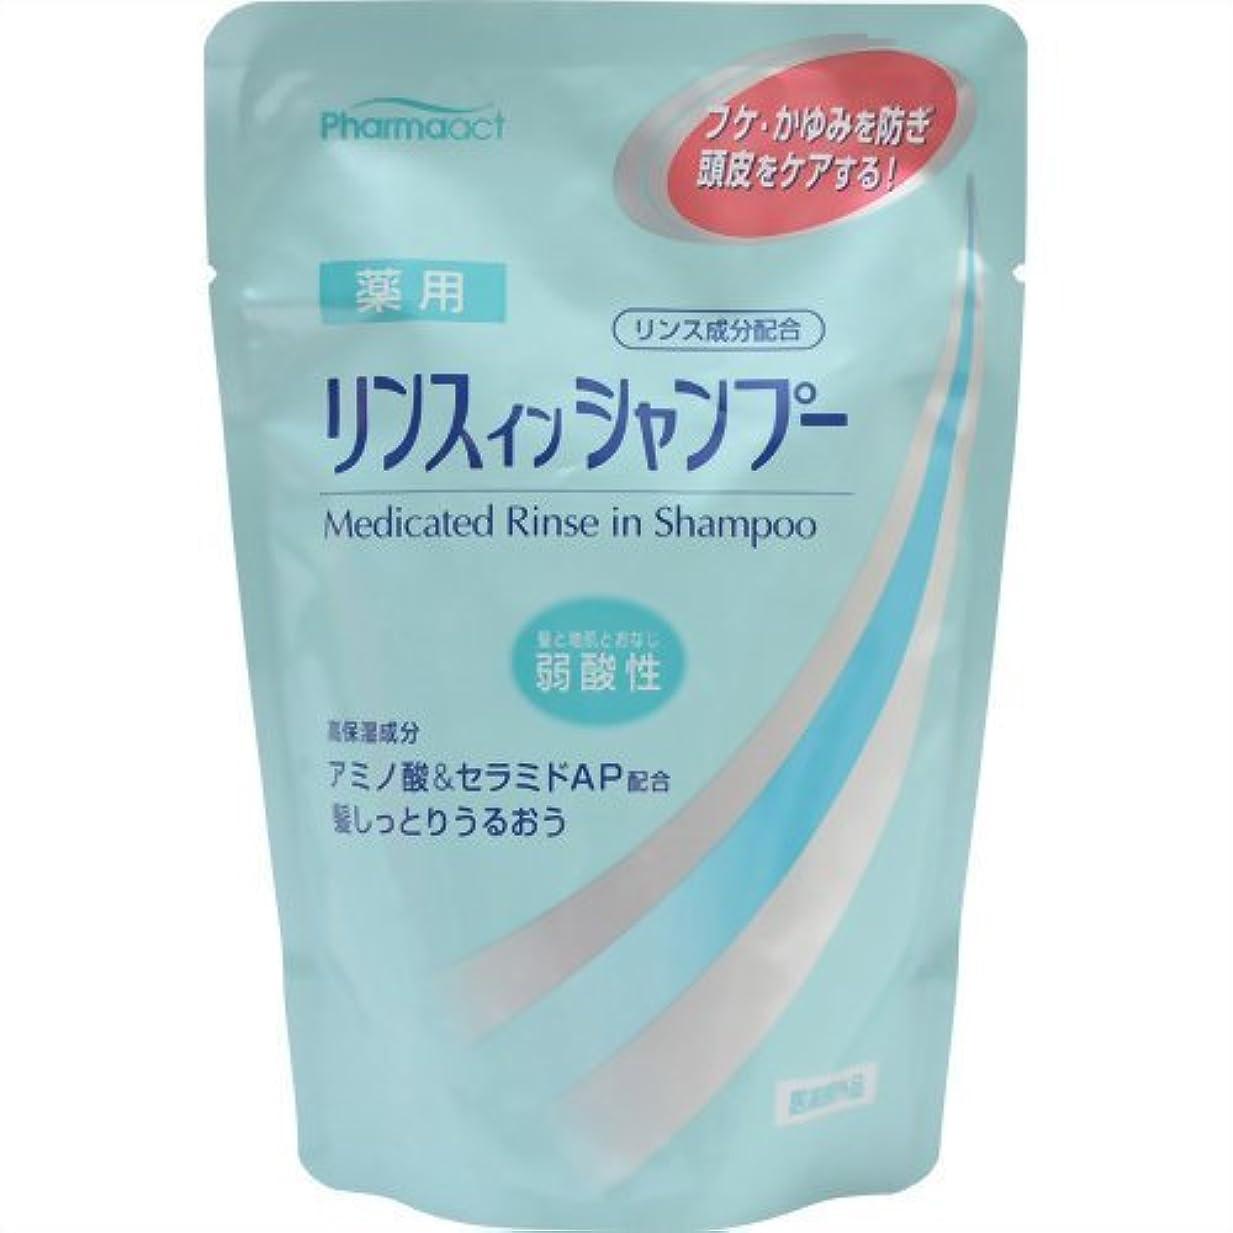 スペシャリスト始めるストライク熊野油脂 ファーマアクト 薬用リンス 詰替用 350ml